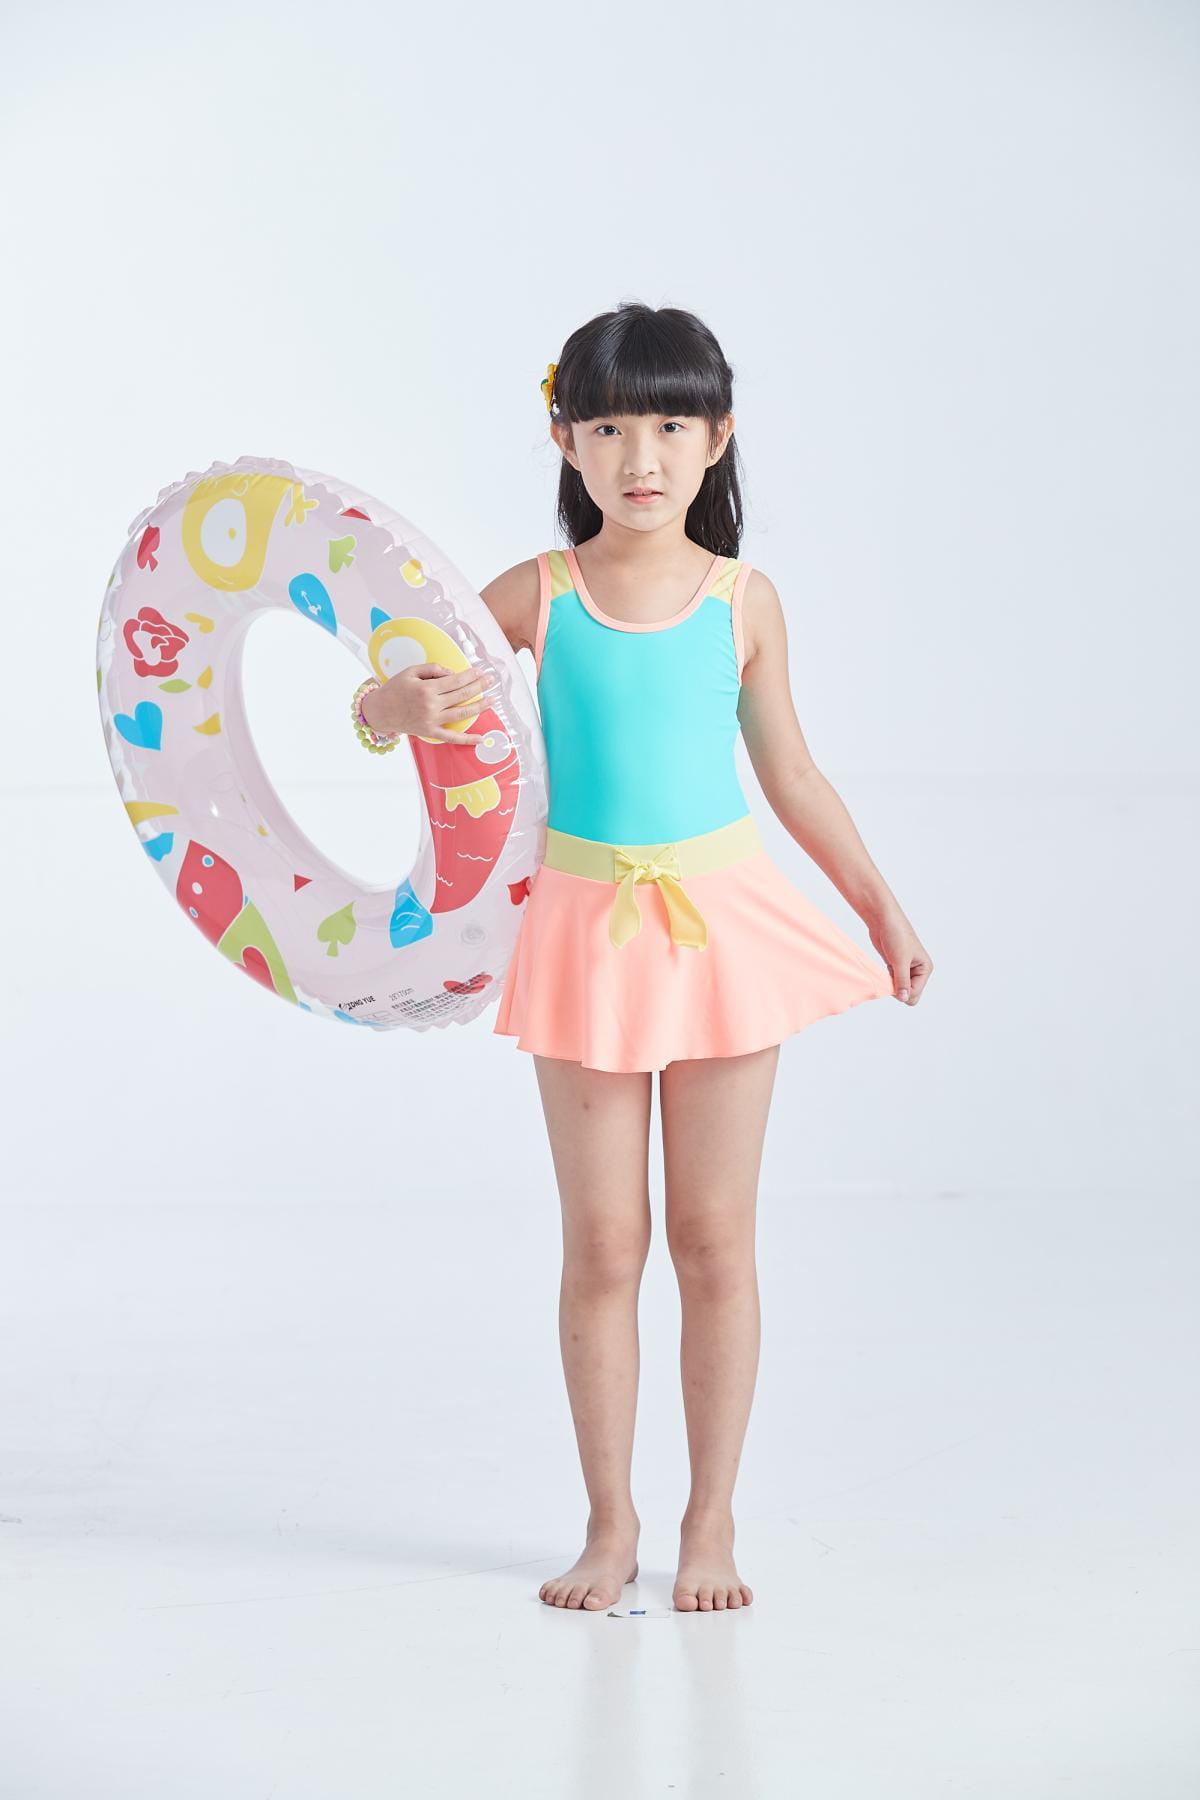 APPLE蘋果牌泳裝 女童綠黃橙配色連身裙泳衣 108607